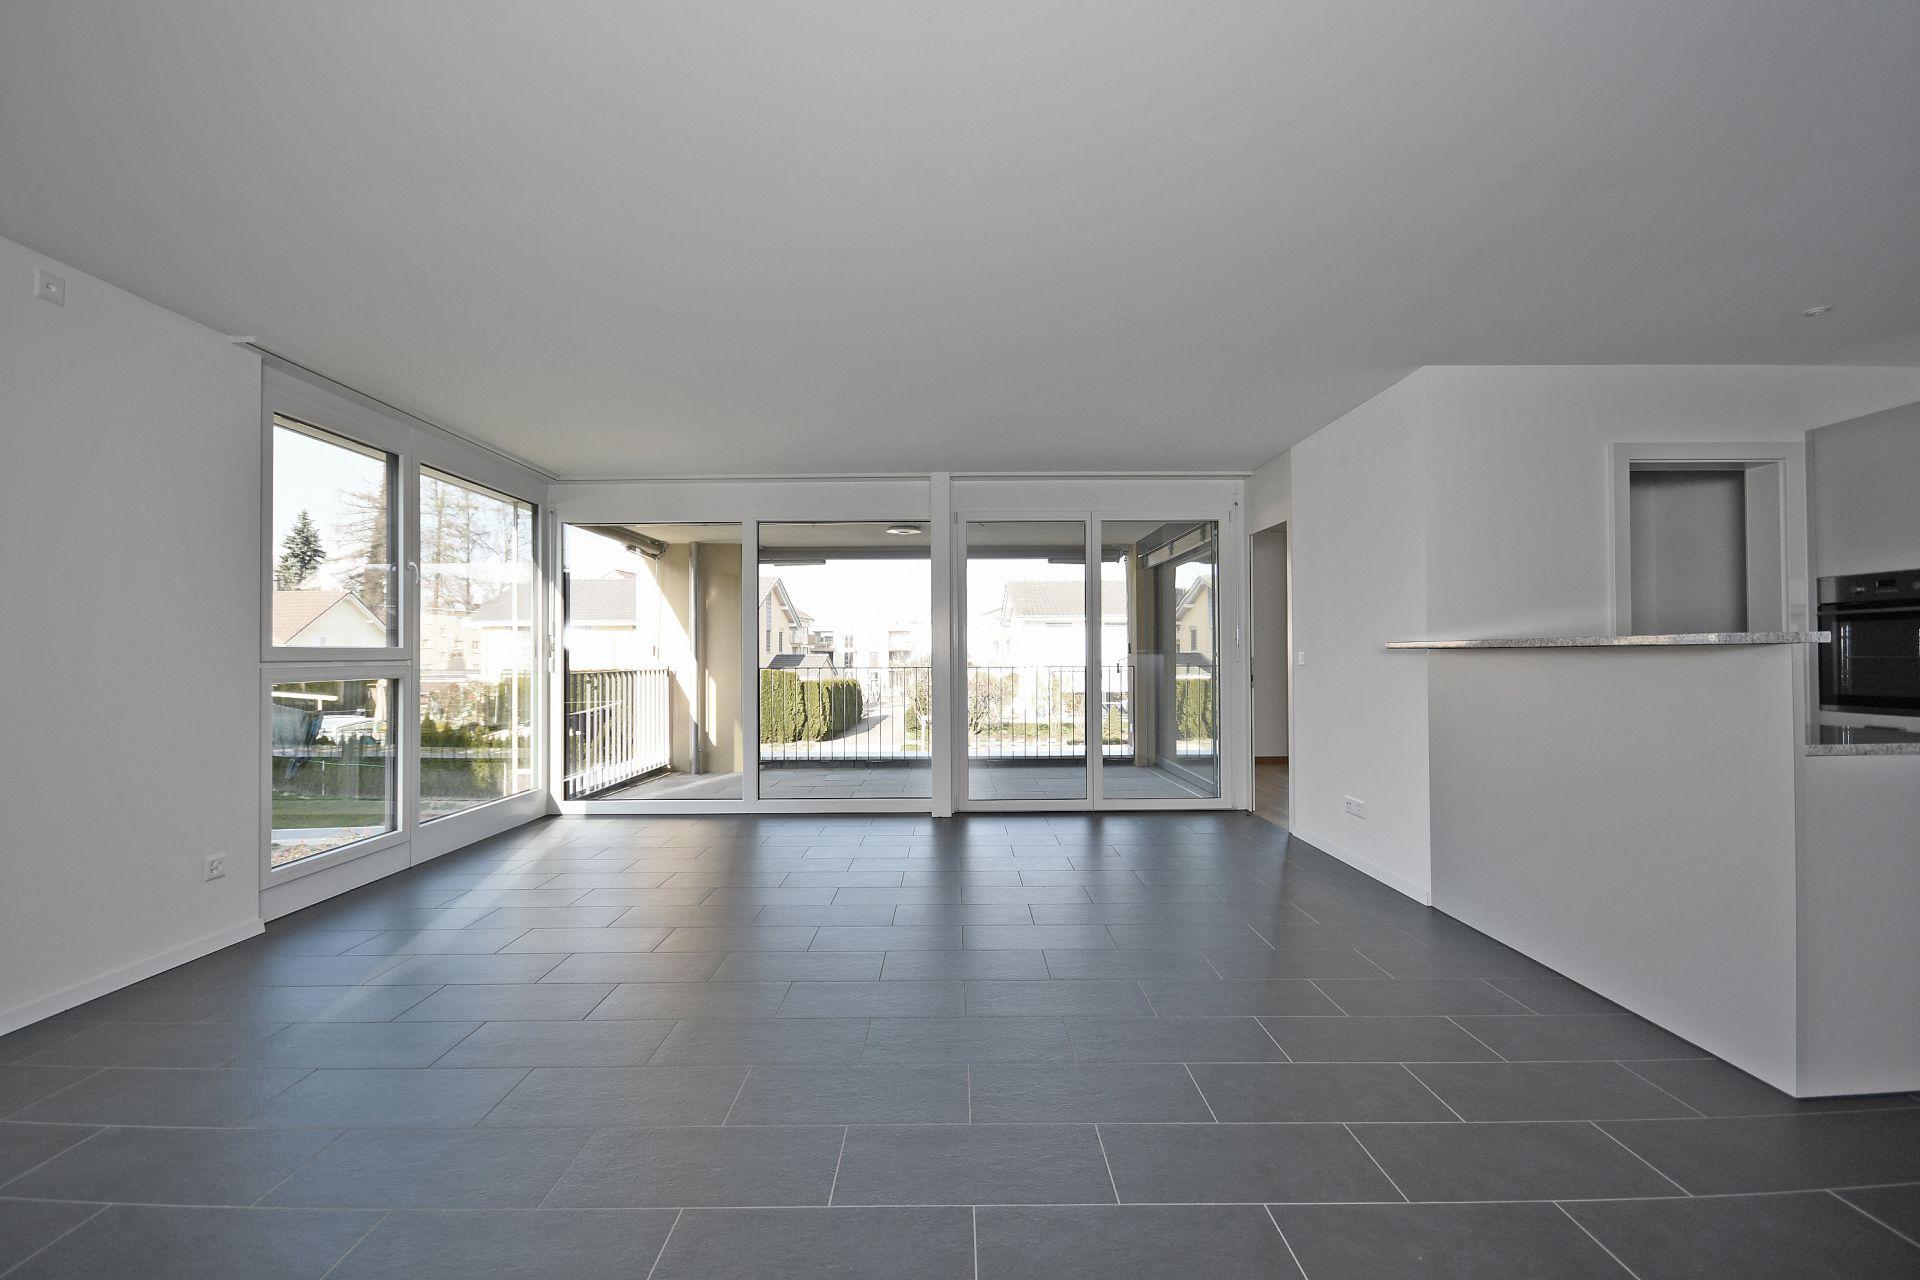 Schöne & moderne Wohnung, Wohnüberbauung TRIO